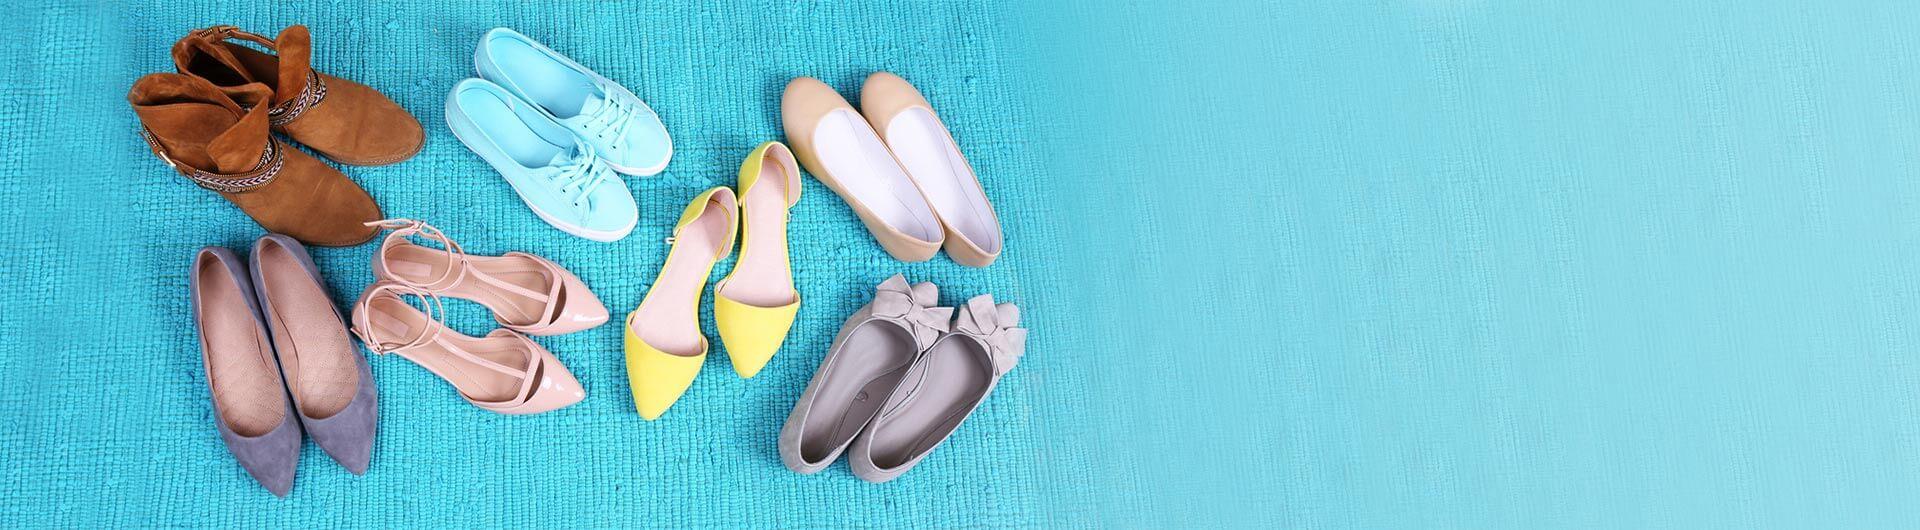 בניית חנות אינטרנטית - המדריך המלא לבניית חנות וירטואלית לנעליים